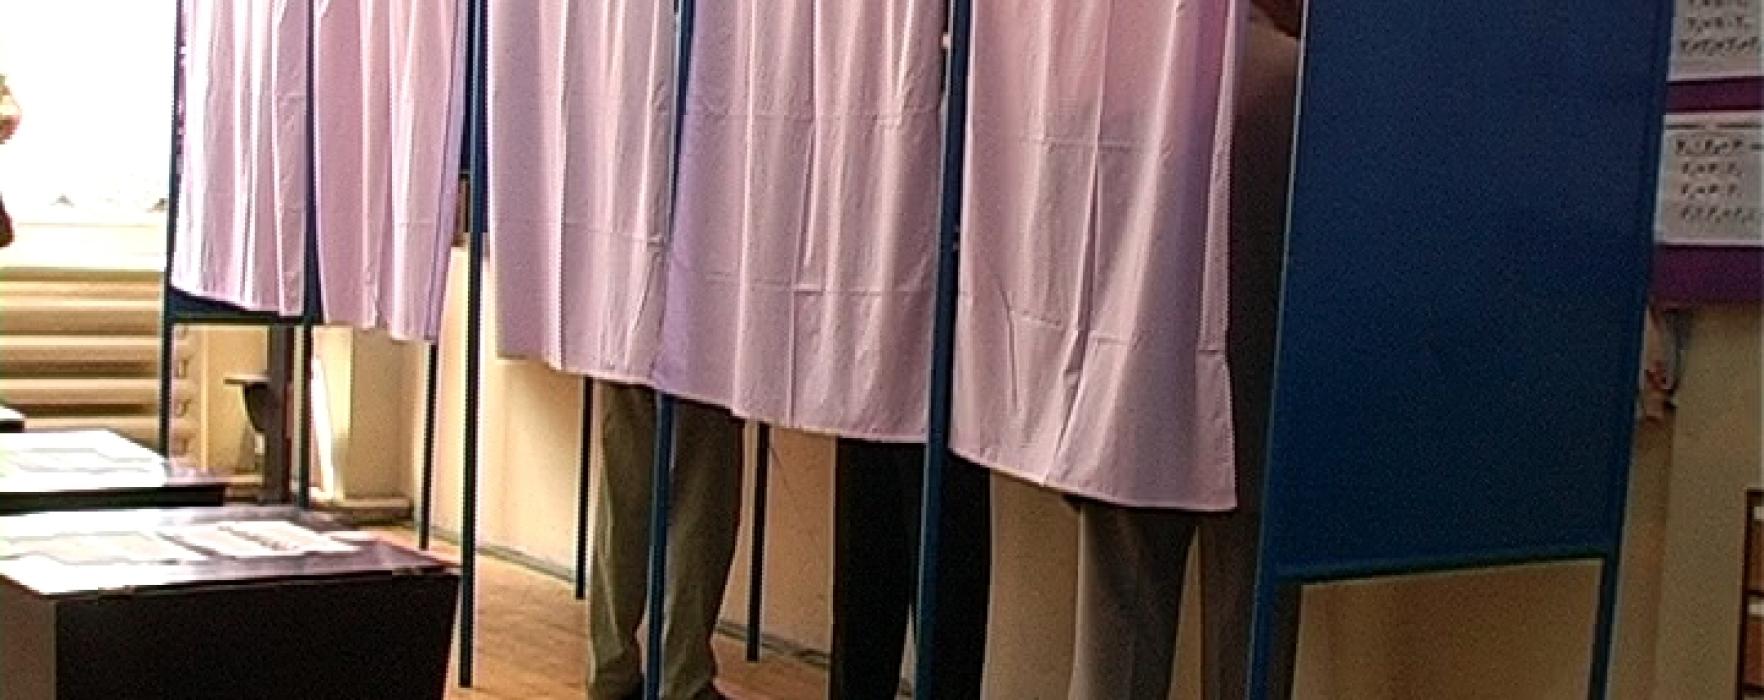 Locale2020 Târgovişte: Prezenţă la vot de 33,82%, cea mai mare prezenţă la Liceul Ciorănescu, Grădiniţa Priseaca, casa Corpului Didactic (ora 20.00)